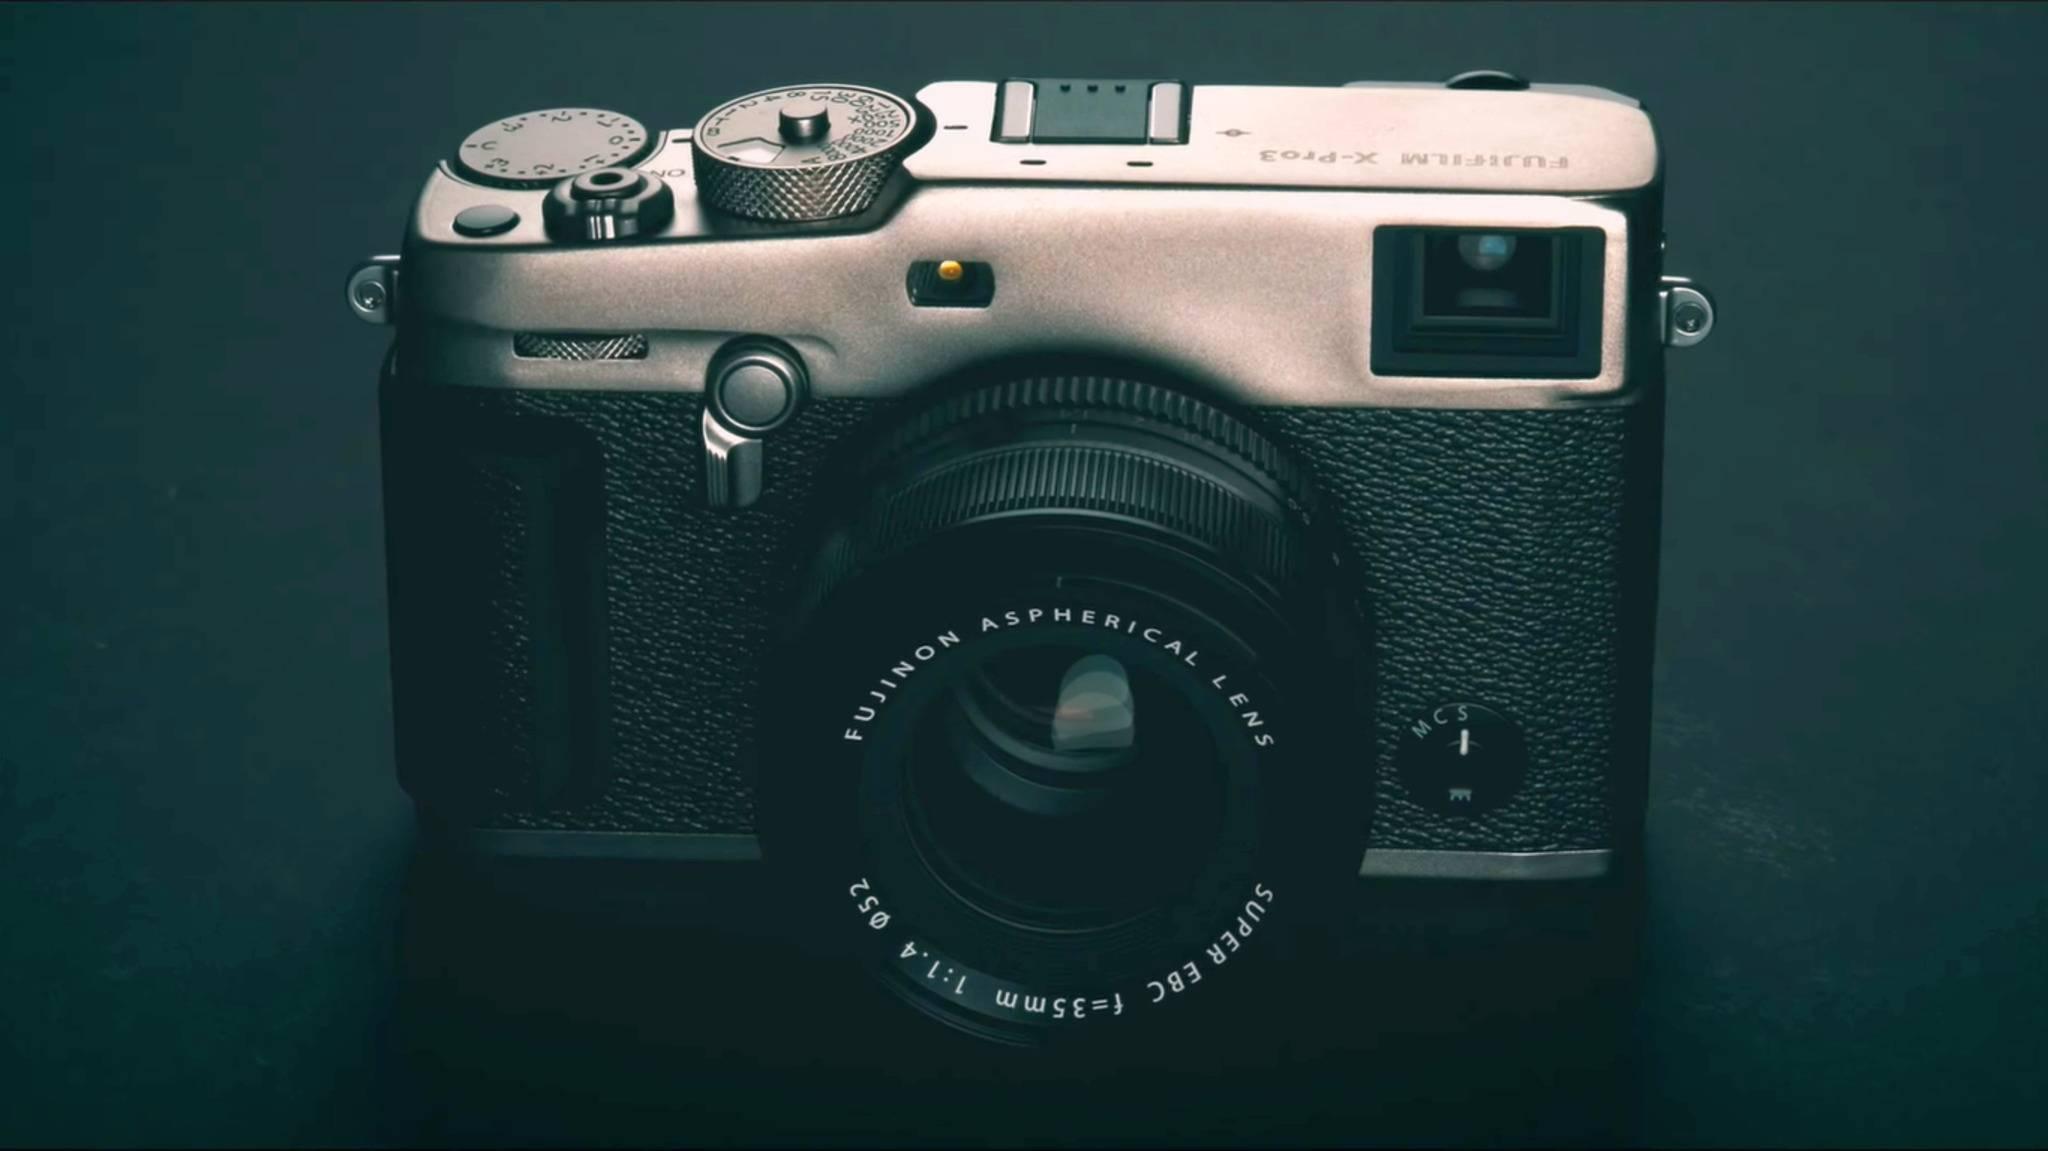 fujifilm-x-pro3-systemkamera-2